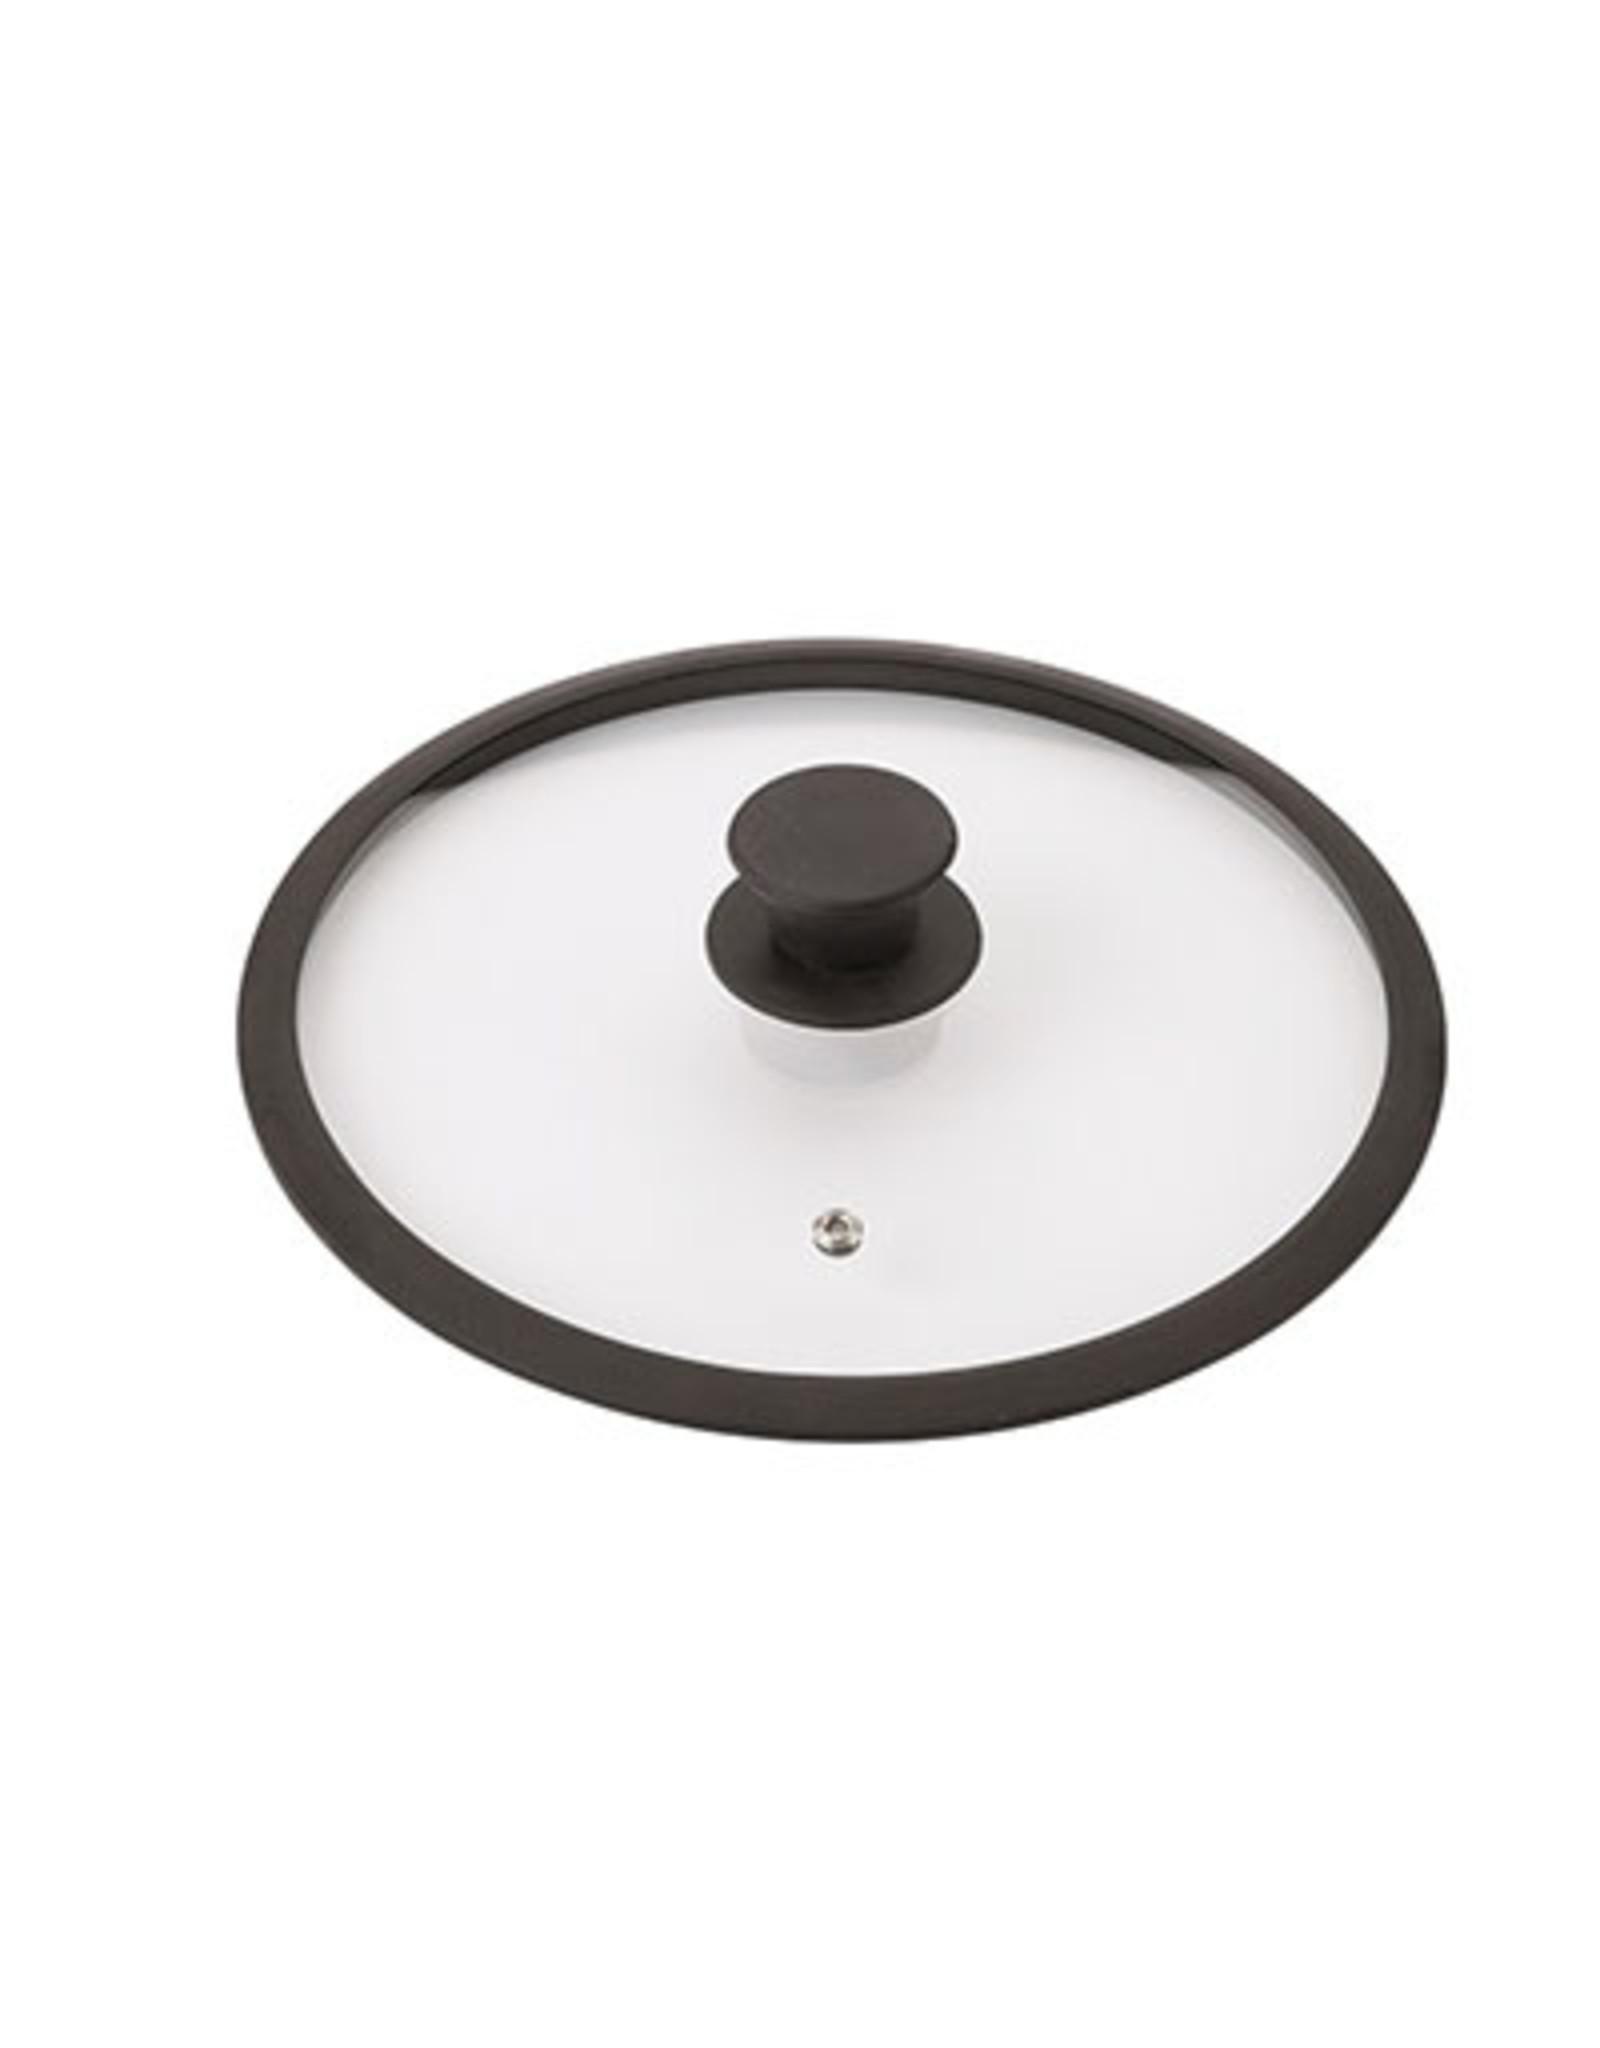 Braet Glasdeksel met siliconen rand en knop speciaal voor inductie pannen. Met stoom functie.